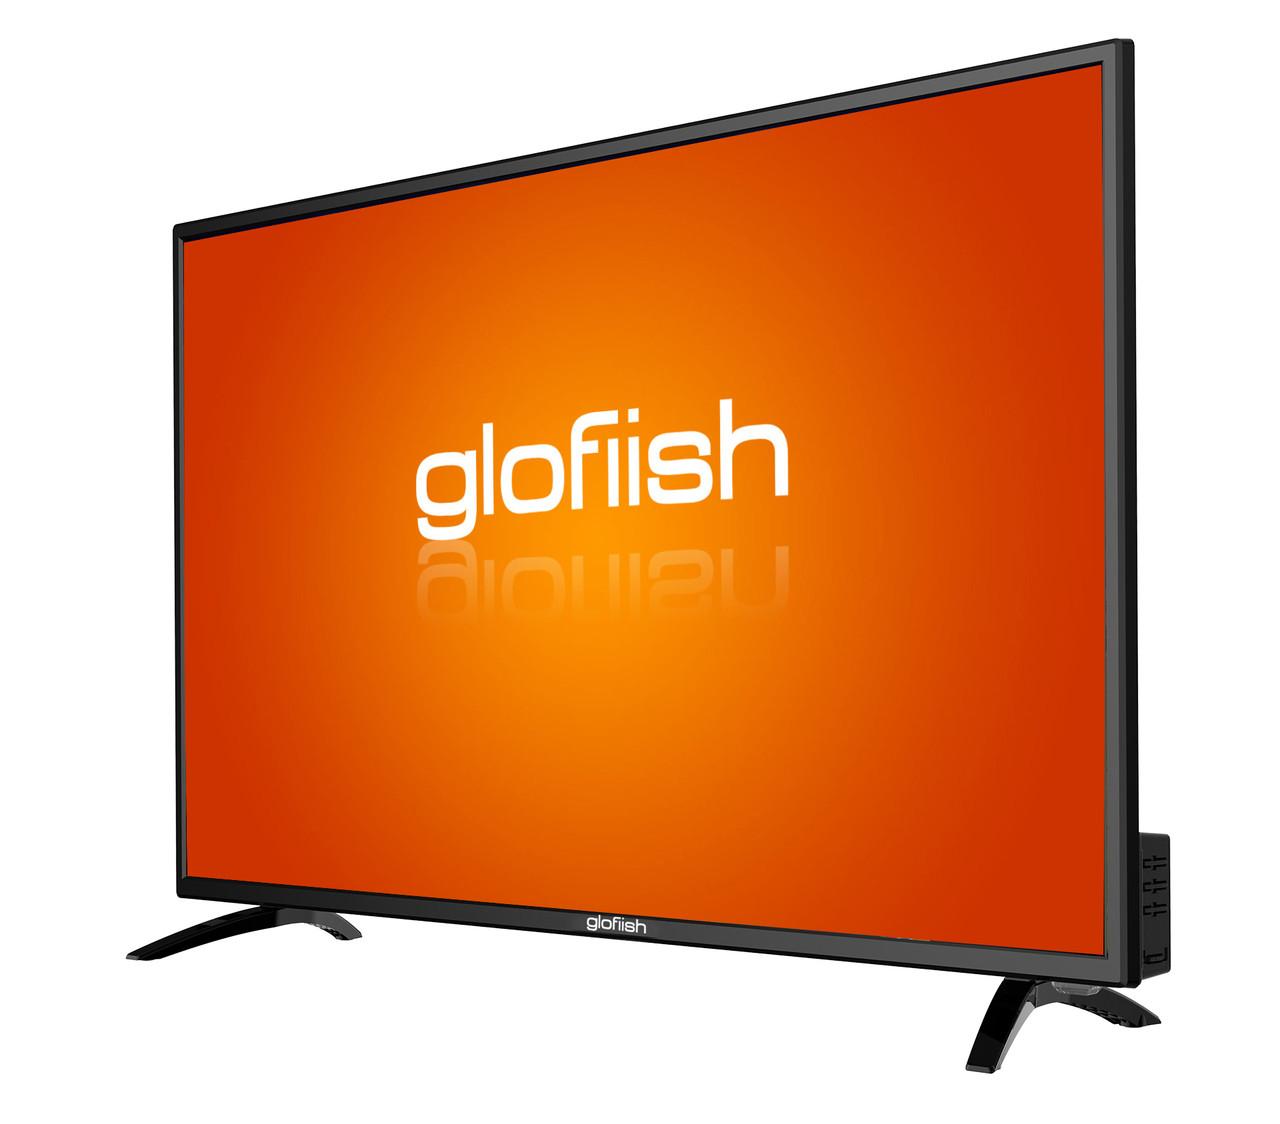 Телевизор Glofiish iX 40 Smart TV